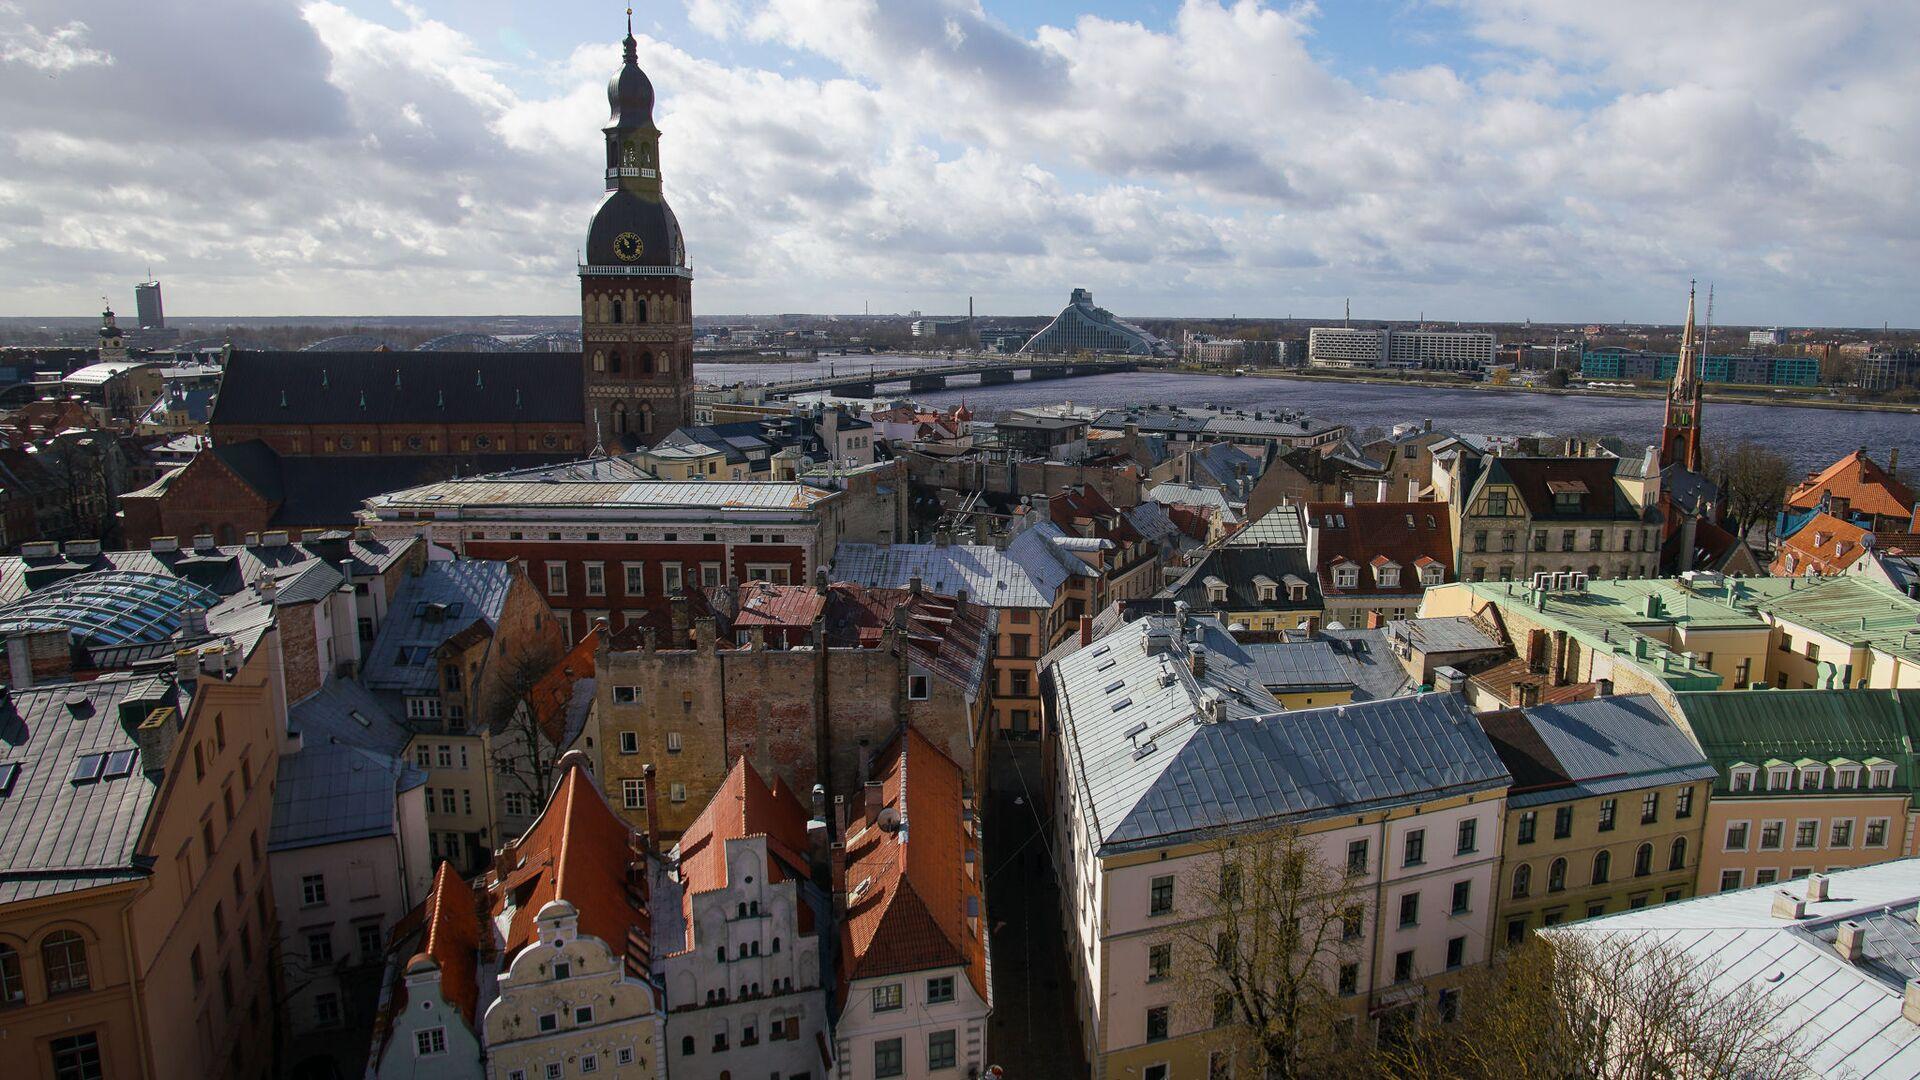 В Риге демонтировали петушка с церкви Св.Иакова, чтобы отреставрировать и заменить позолоту - Sputnik Латвия, 1920, 26.08.2021